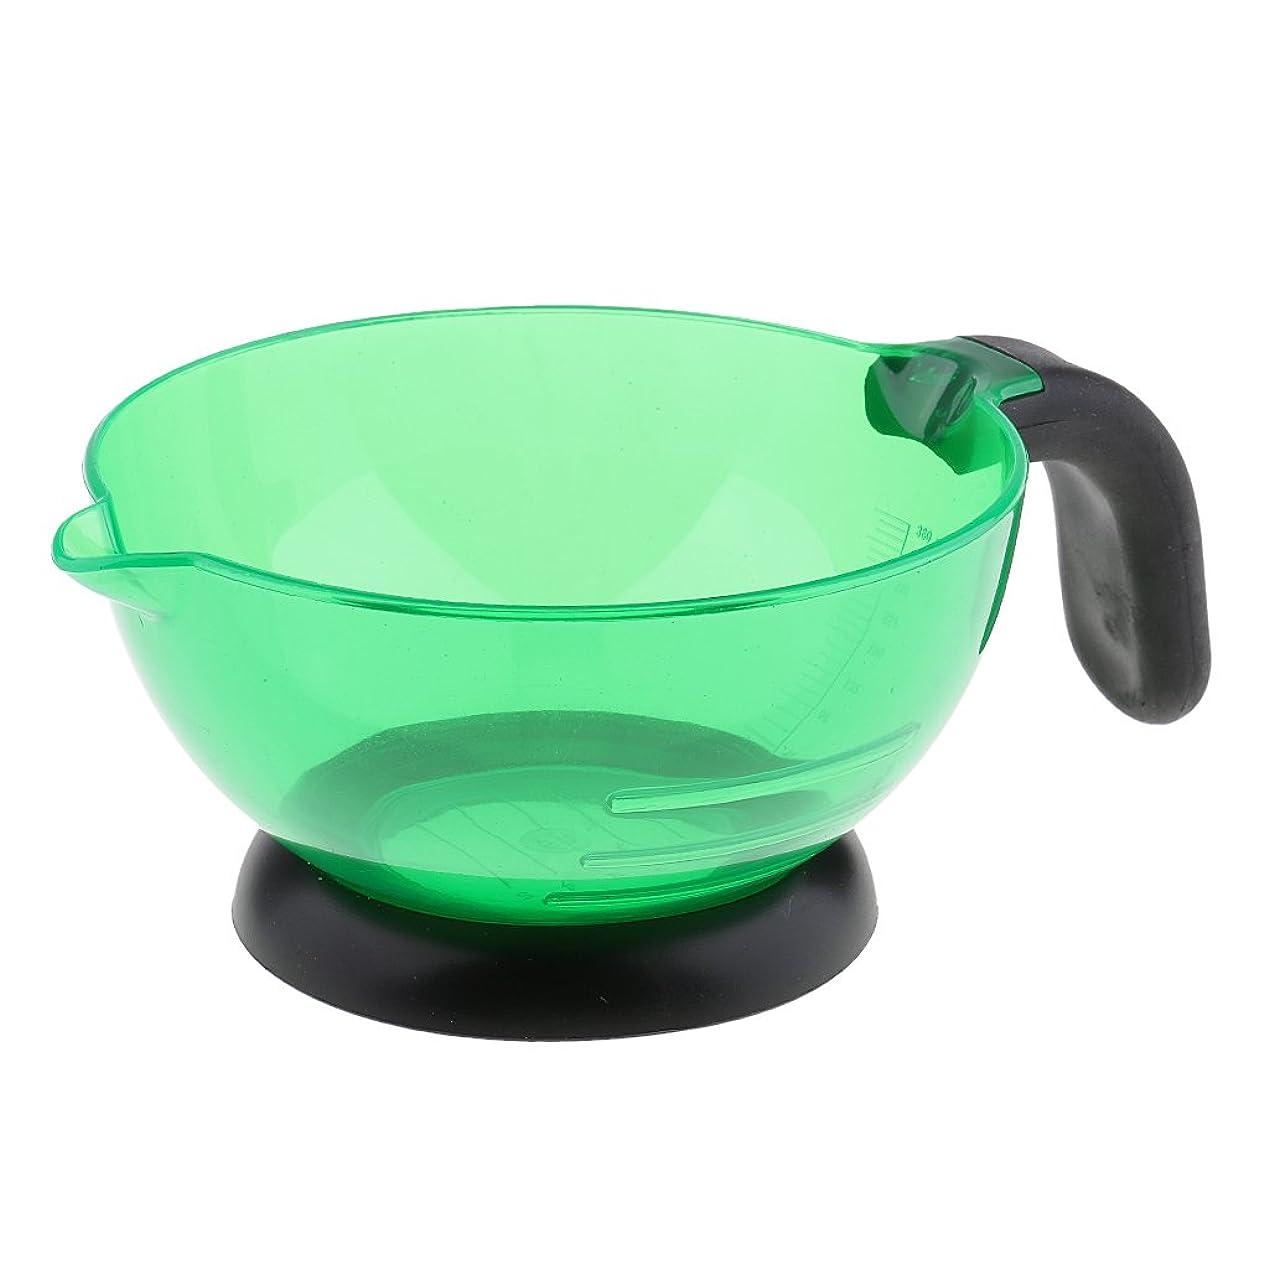 著者肉腫脚本Baosity 全3色選べ 高品質 シリコン 多機能 美容室/サロン 染剤ボウル ヘアカラー 染め用具  - 緑